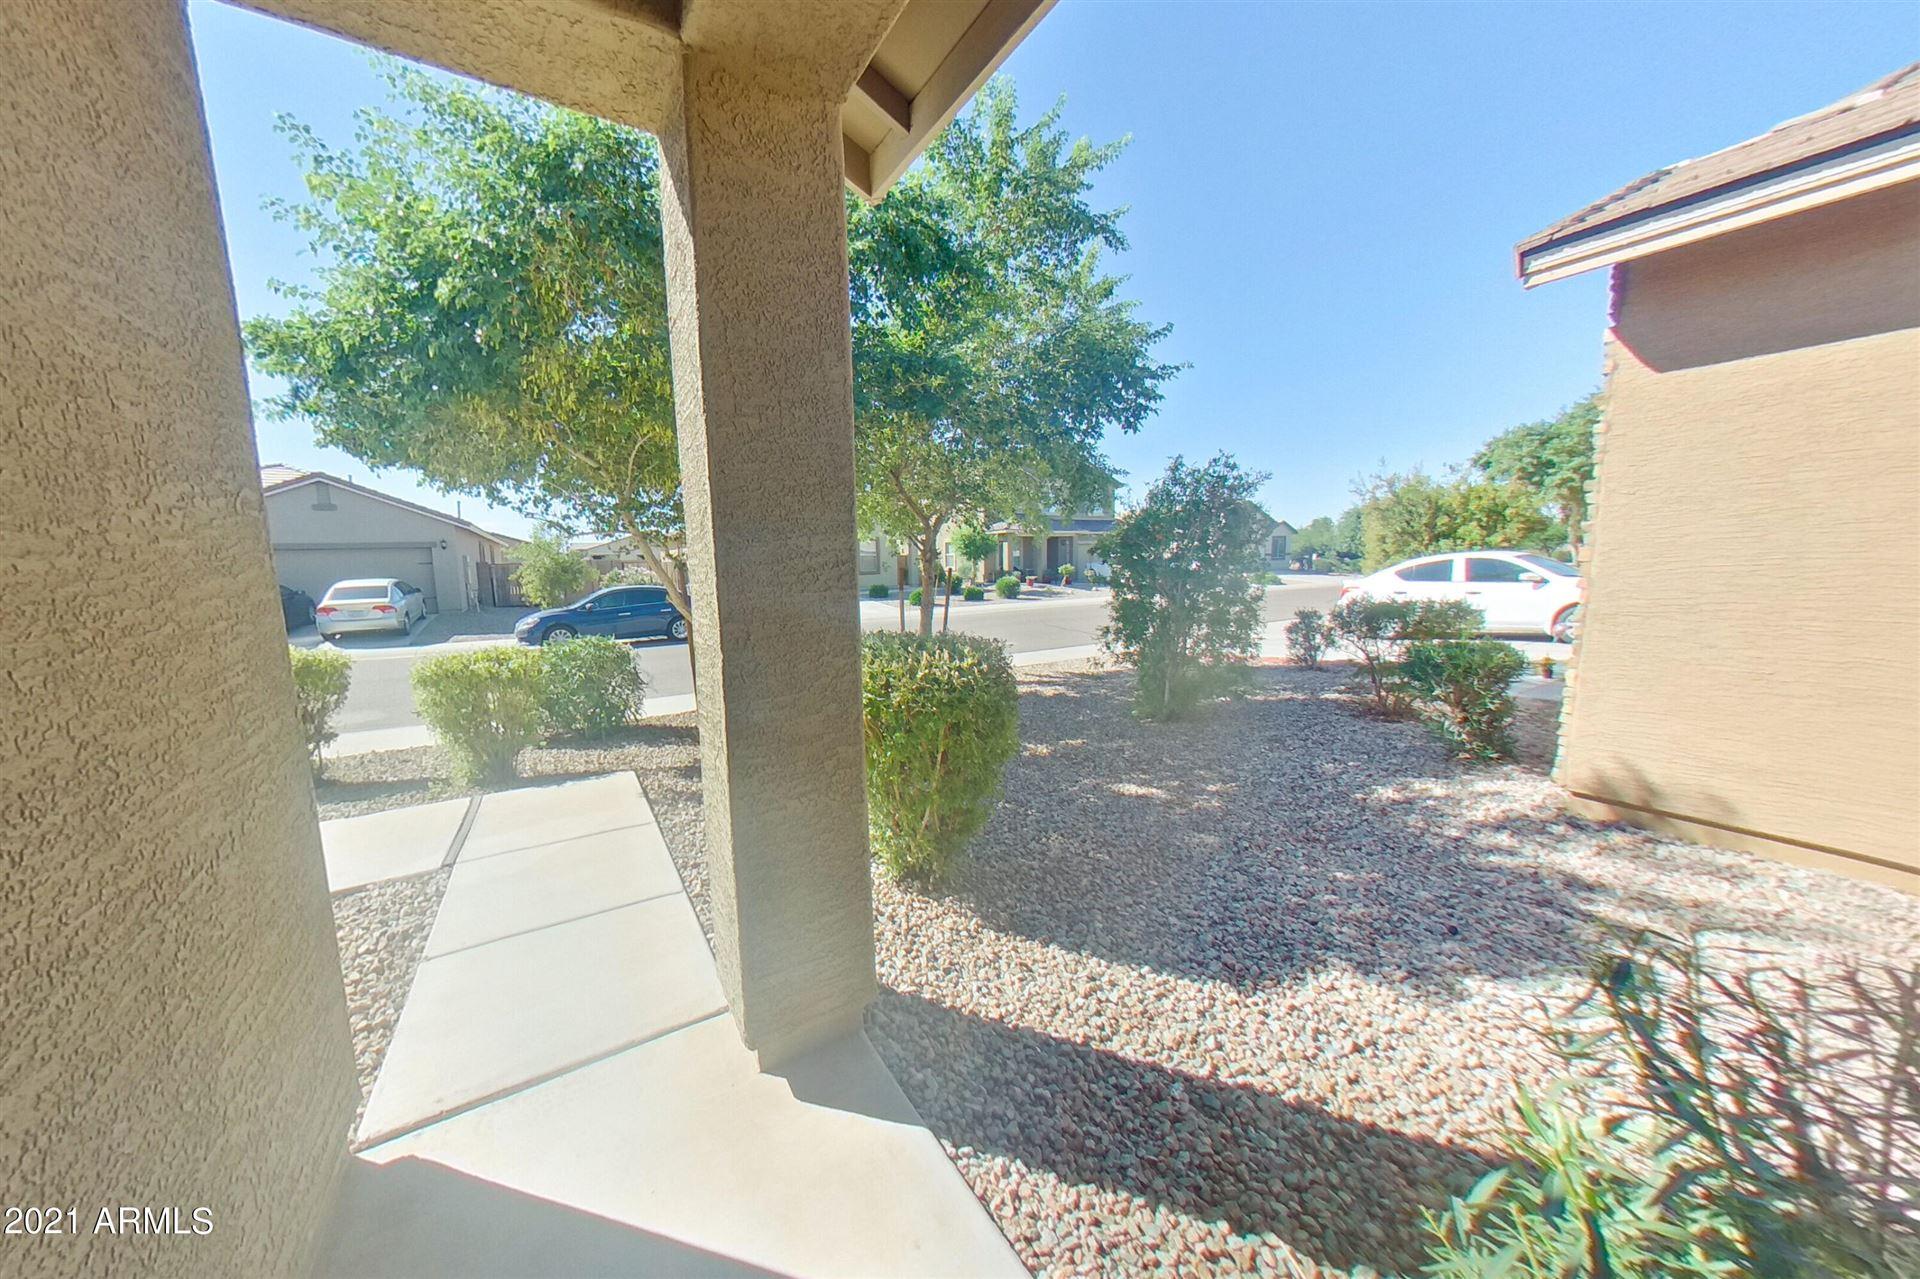 Photo of 40154 W WALKER Way, Maricopa, AZ 85138 (MLS # 6307457)